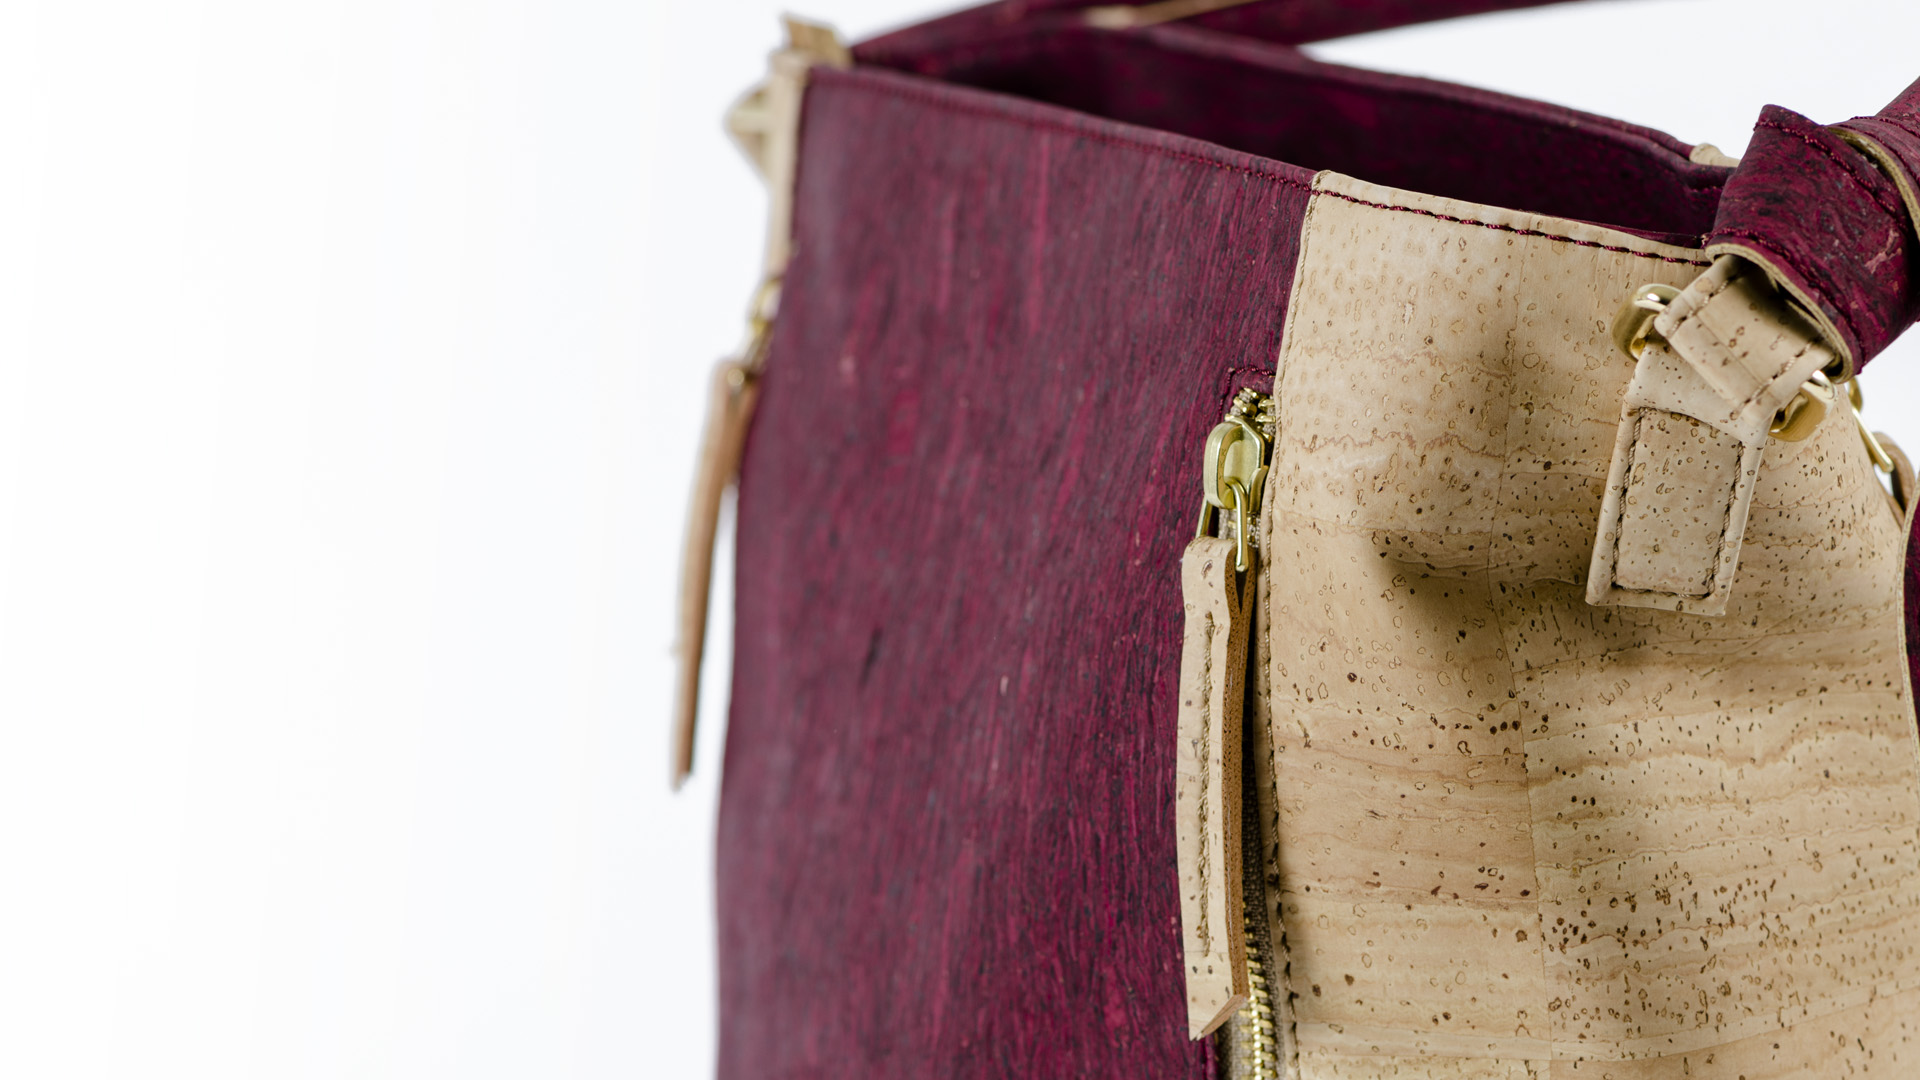 Korktasche, Kork Tasche Zipper, Red Wine \ Nature Cork, editorial